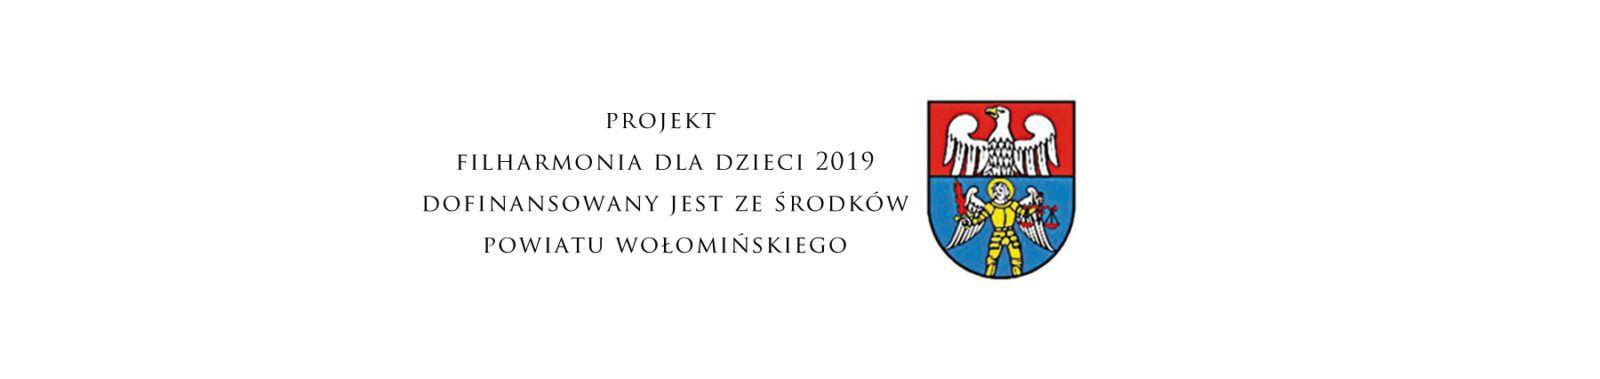 Filharmonia-dla-Dzieci-powiat-wołomiński